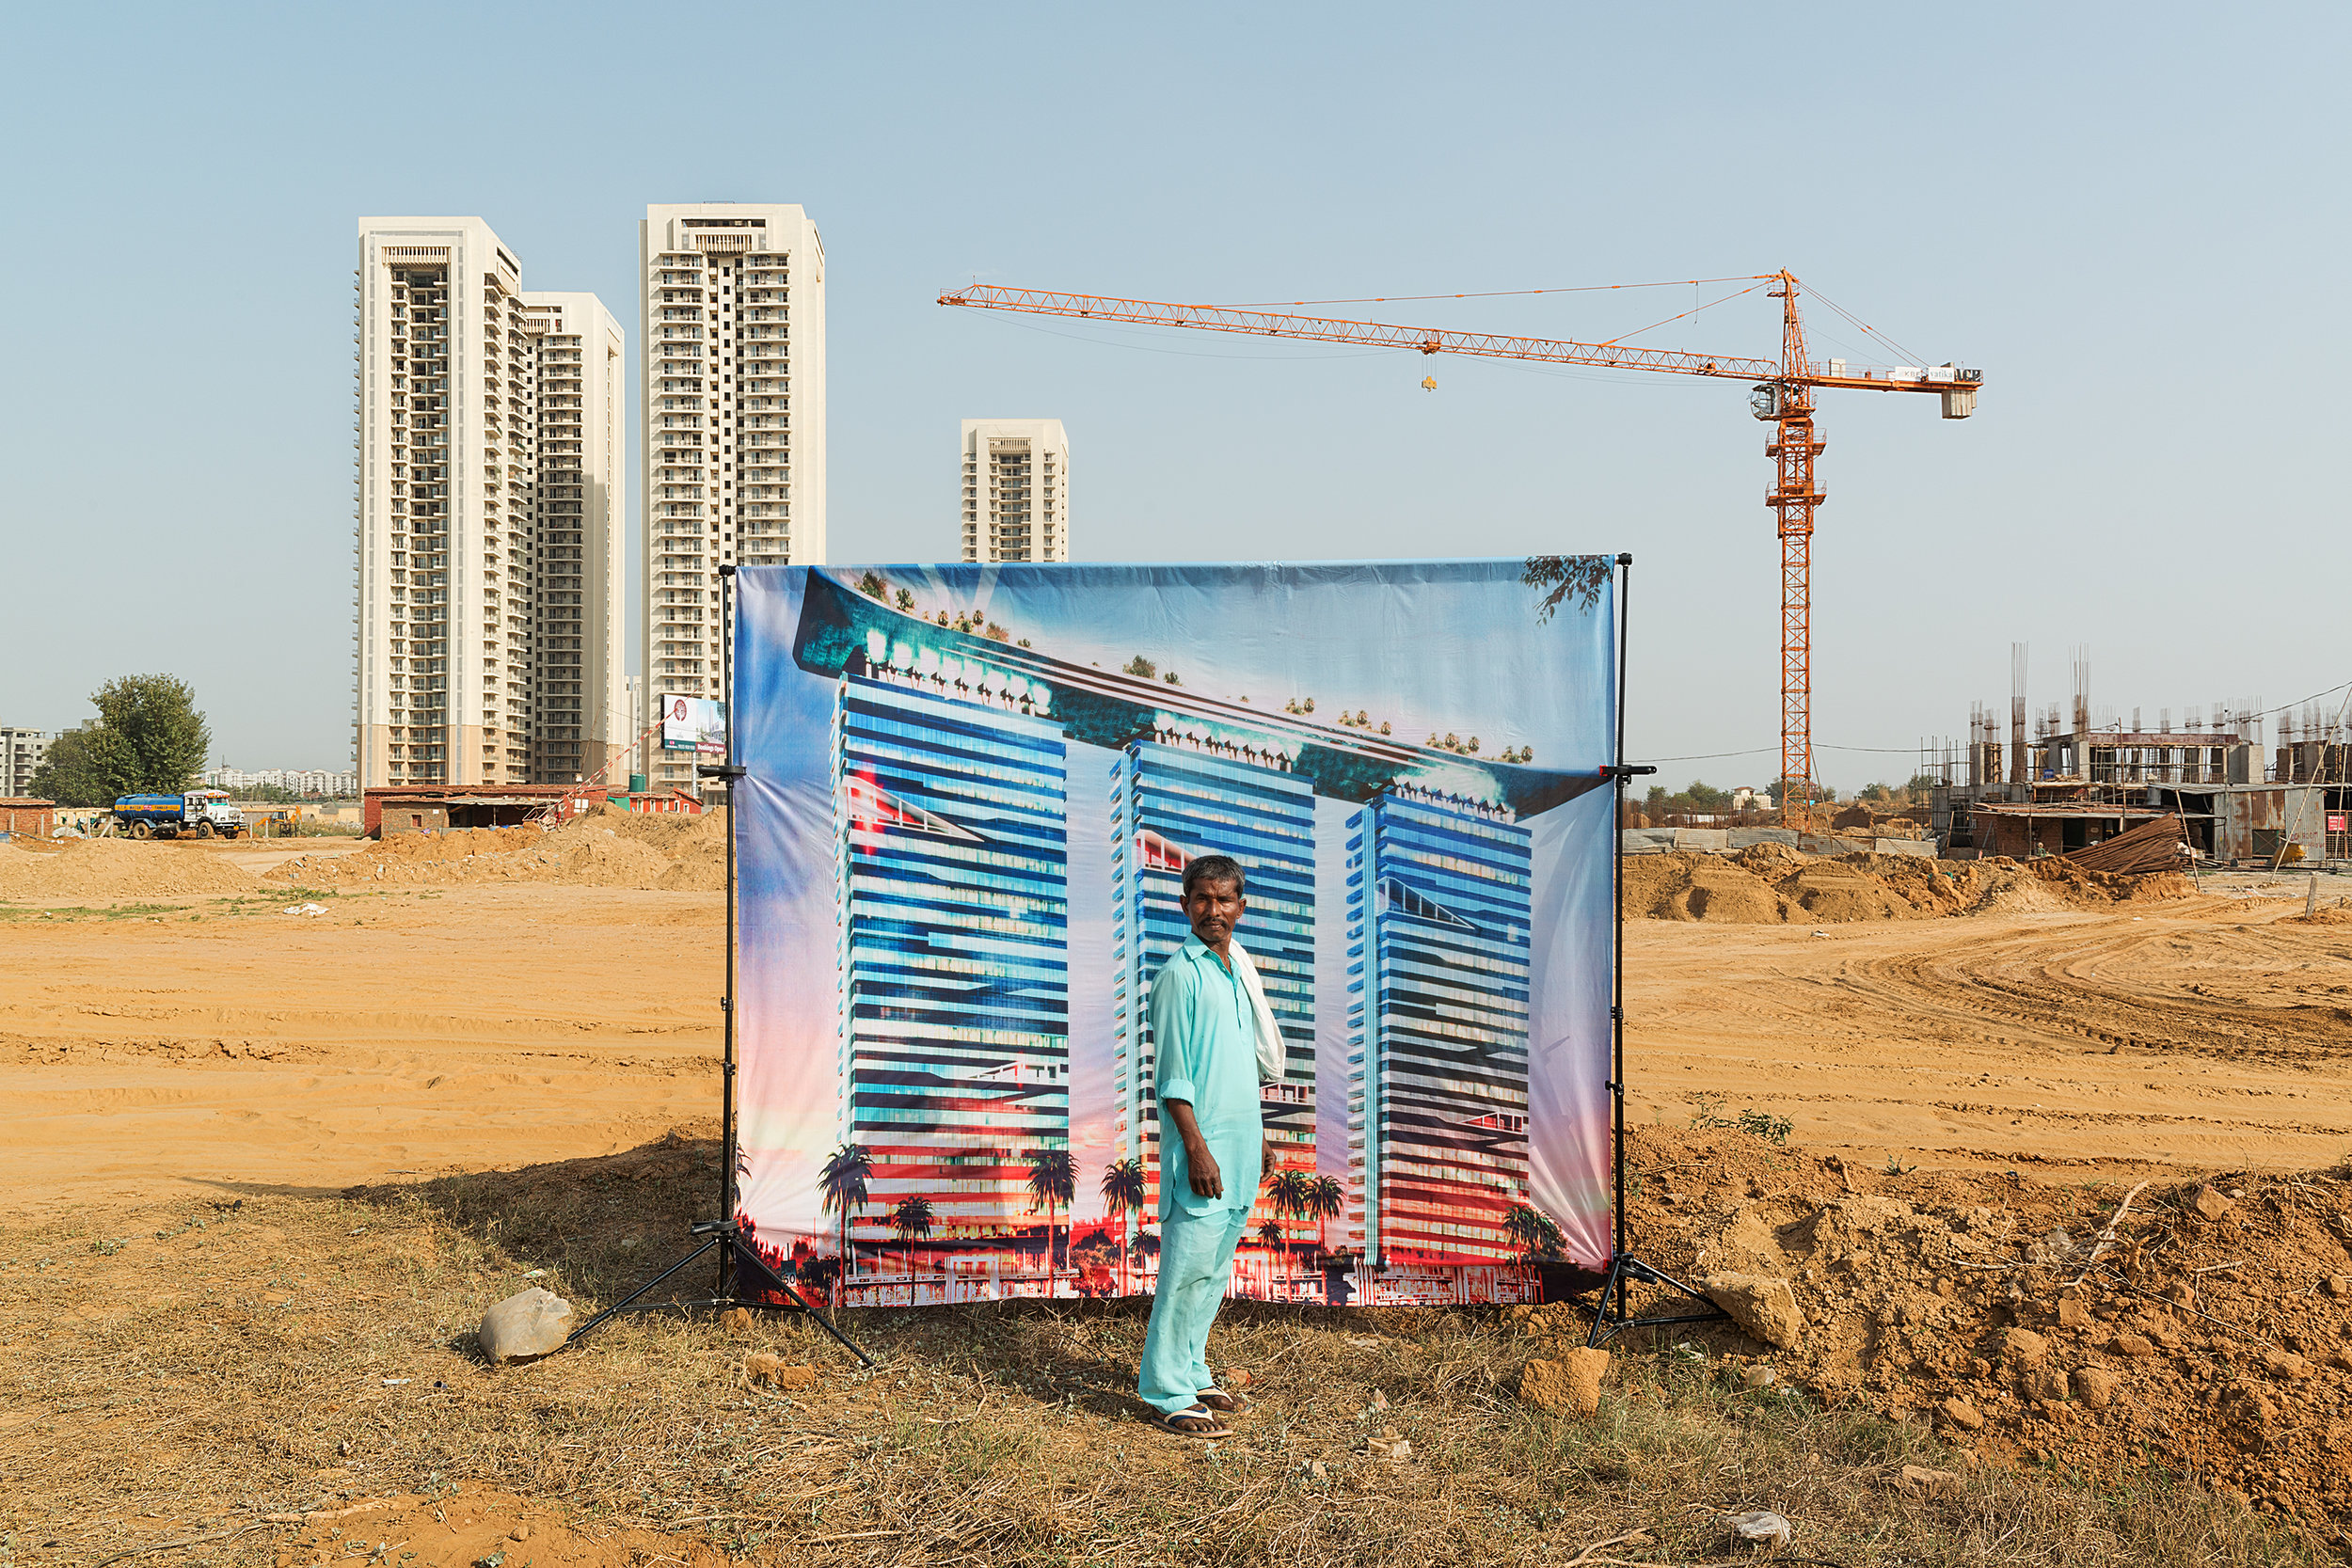 Bad City Dreams - Arthur Crestani (artiste) et Claire Simon (curatrice)Omniprésentes, les publicités immobilières offrent des visions idylliques de la ville indienne contemporaine. Arthur Crestani s'est emparé de ces images avant de partir à la rencontre des habitants de Gurgaon, ville satellite de Delhi qui connaît depuis trente ans une croissance phénoménale. Inspiré par la tradition indienne du portrait mis en scène, il a utilisé les visuels publicitaires comme décors au milieu des chantiers et des nouveaux complexes résidentiels. L'exposition Bad City Dreams invite le spectateur à aller et venir entre fantasmes immobiliers, paysages périurbains et portraits de travailleurs migrants et villageois déracinés. Sous le vernis de l'exubérance clinquante, la réalité brute de ces espaces en transition subsiste comme un mauvais rêve.Claire Simon